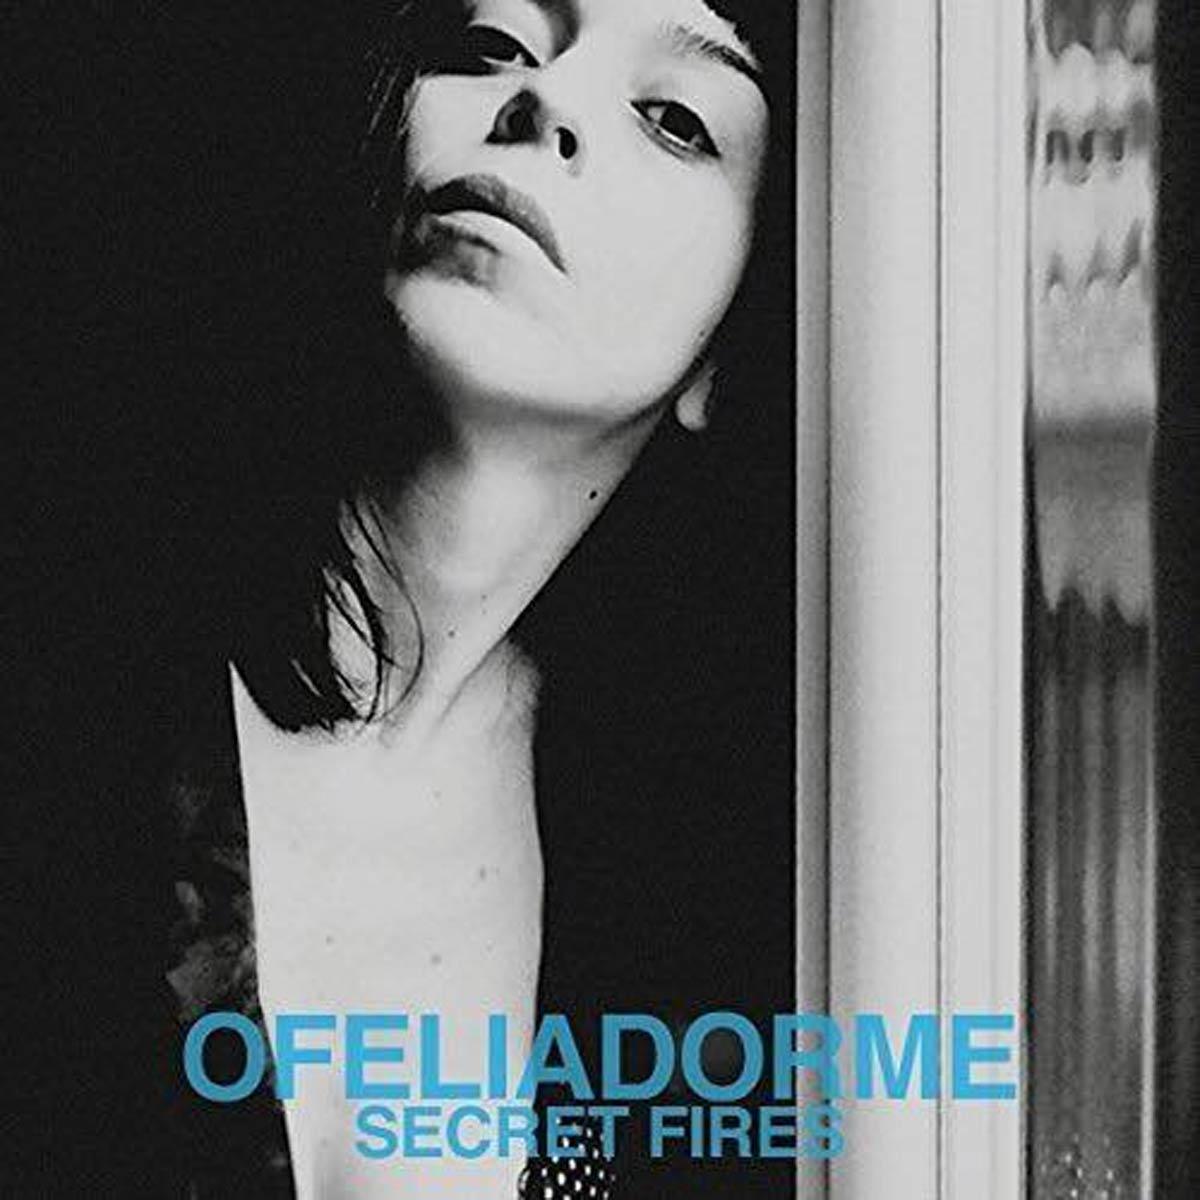 OFELIADORME - Secret Fires